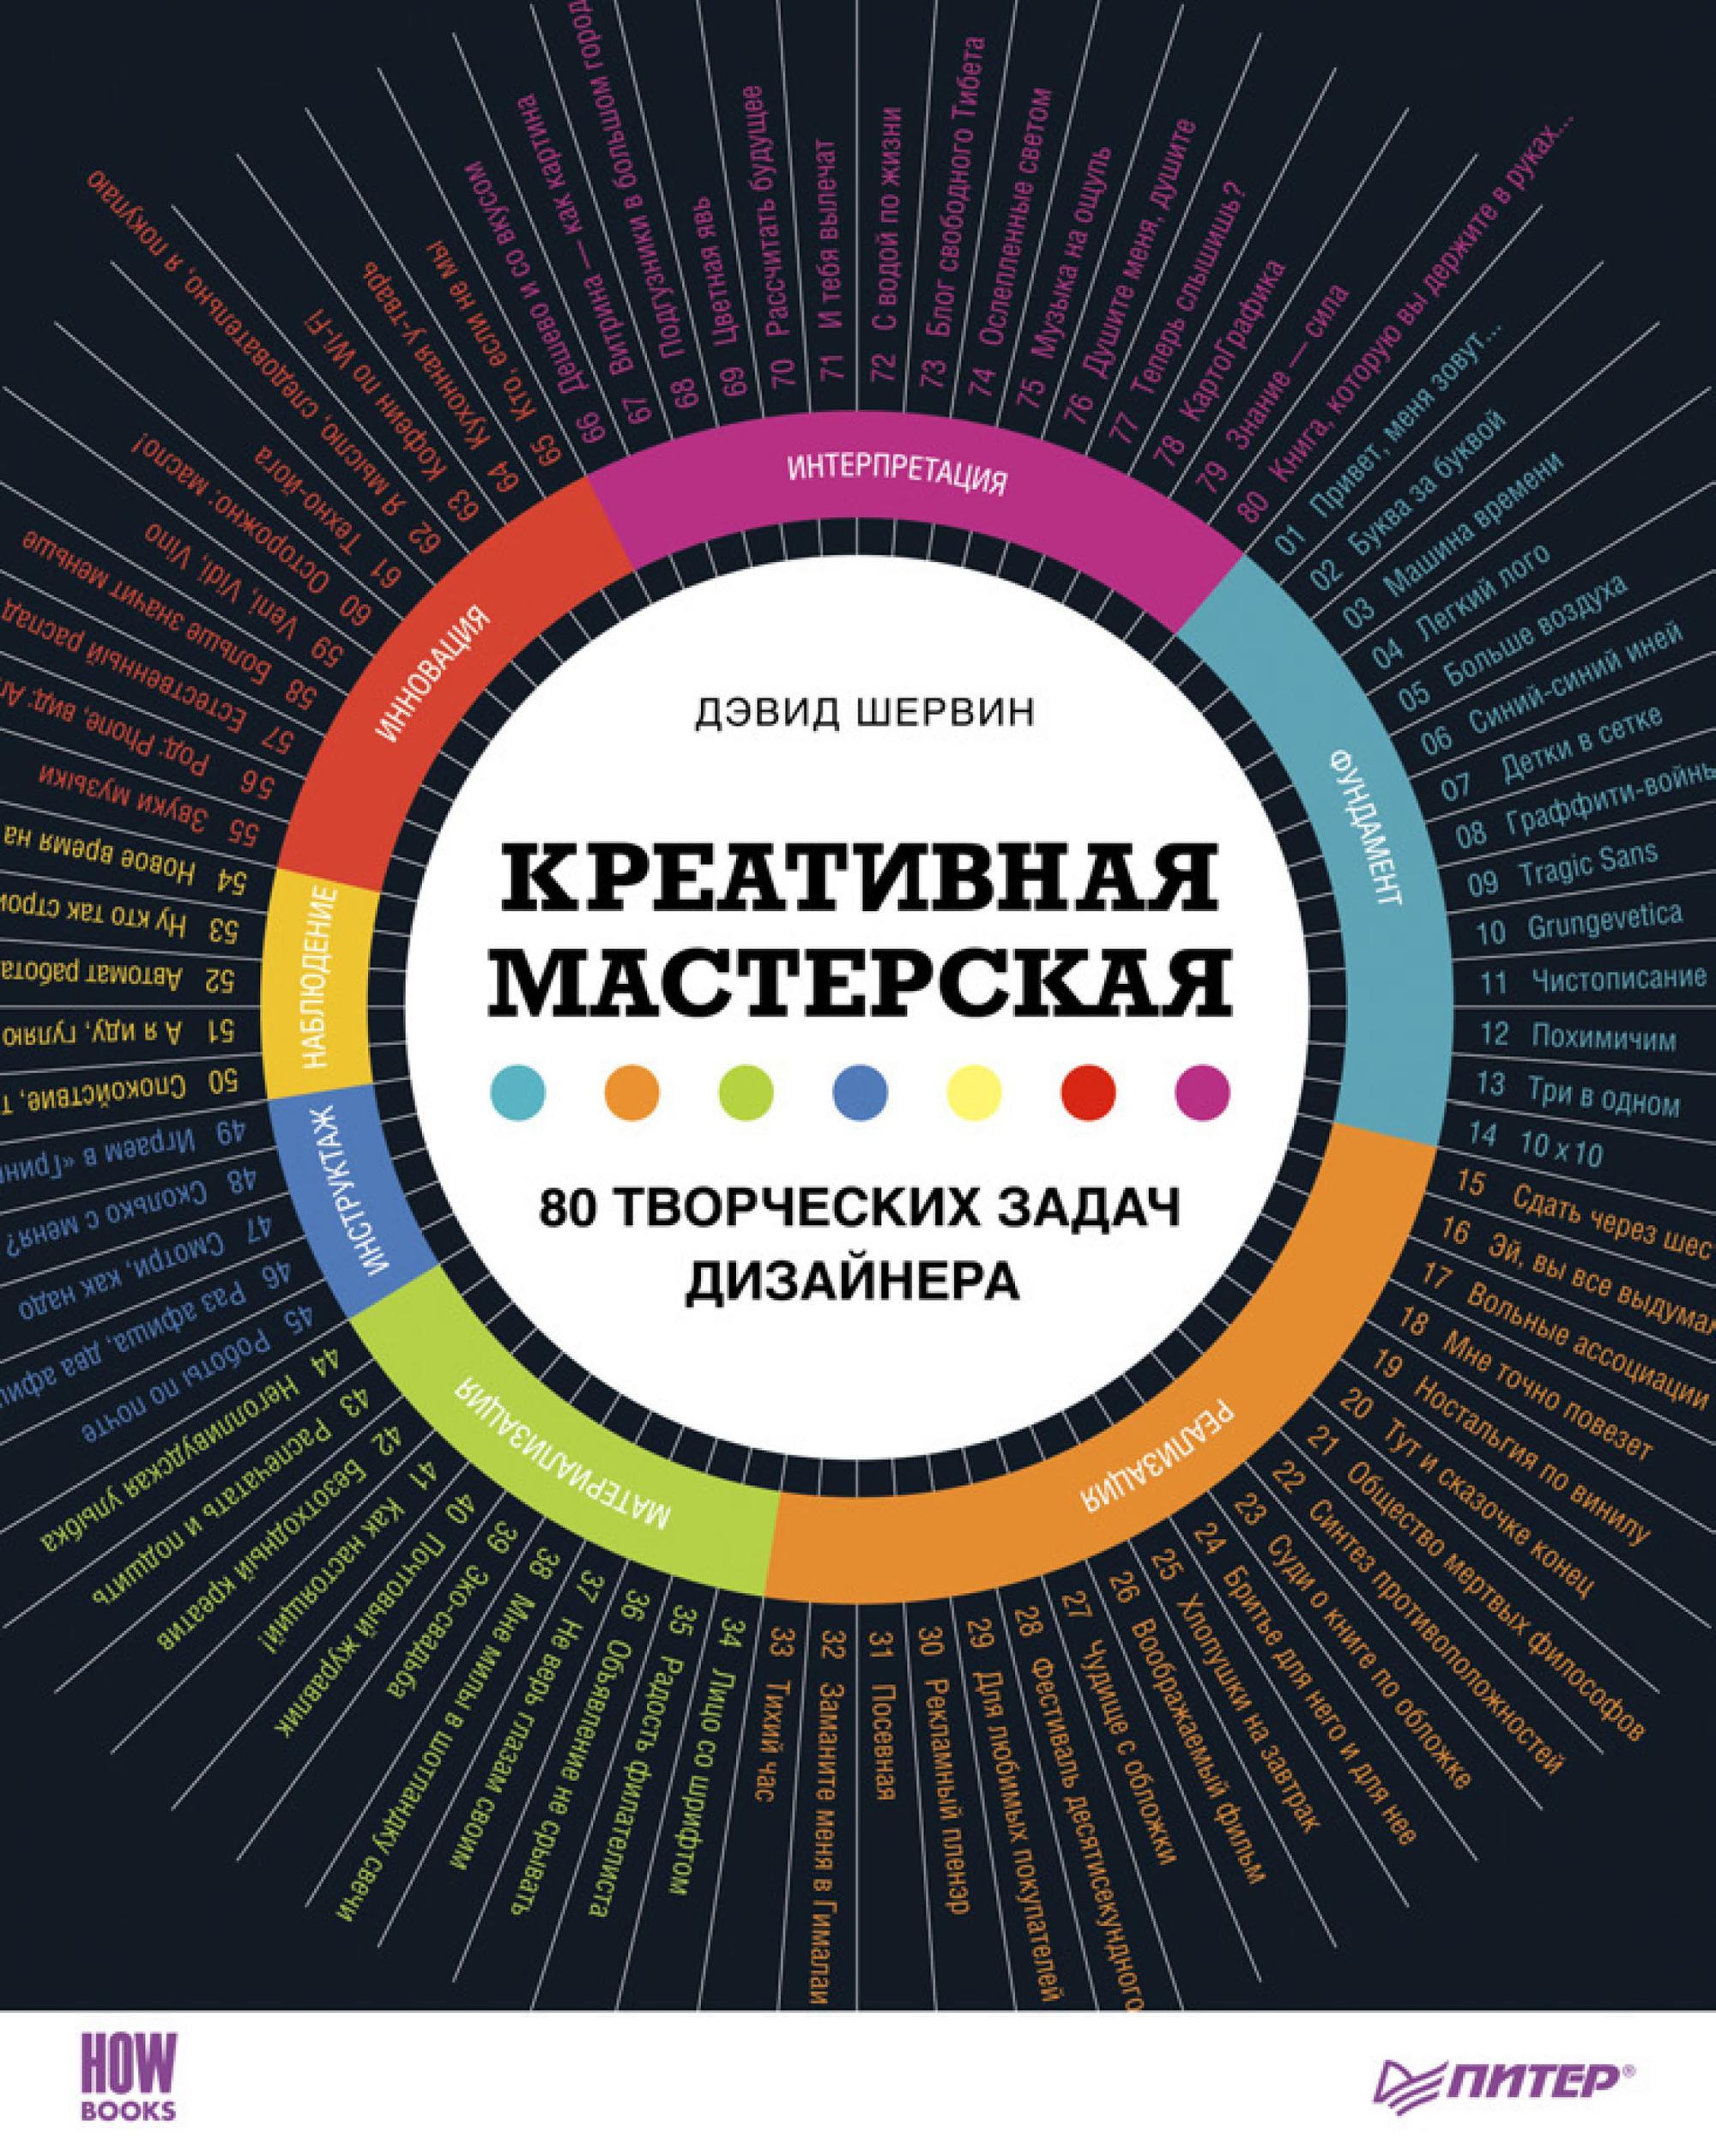 Дэвид Шервин «Креативная мастерская: 80 творческих задач дизайнера»